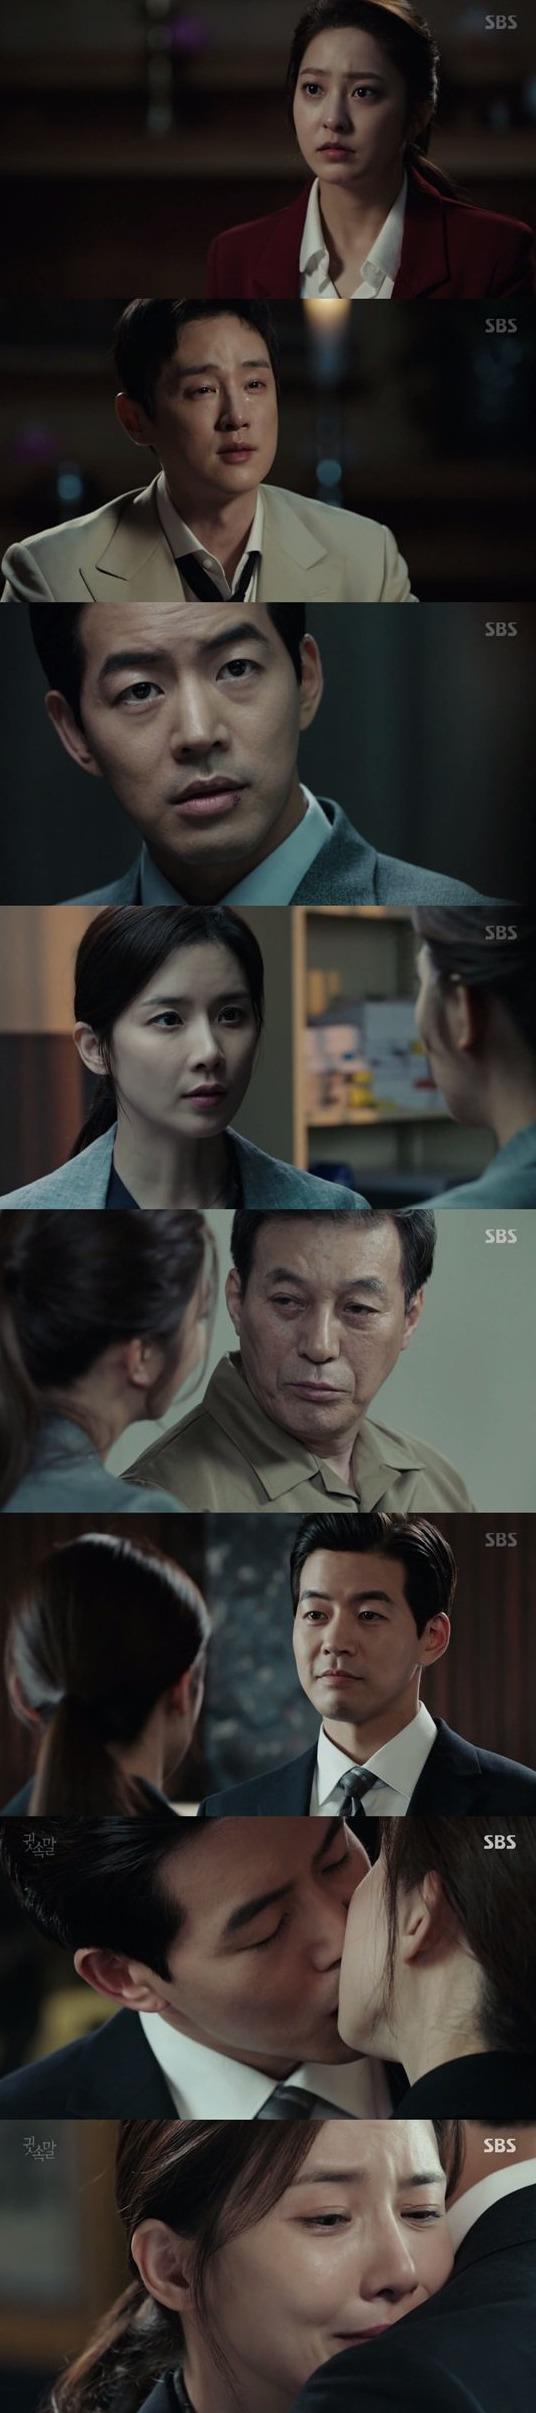 [Spoiler] Added episode 16 captures for the Korean drama 'Whisper'